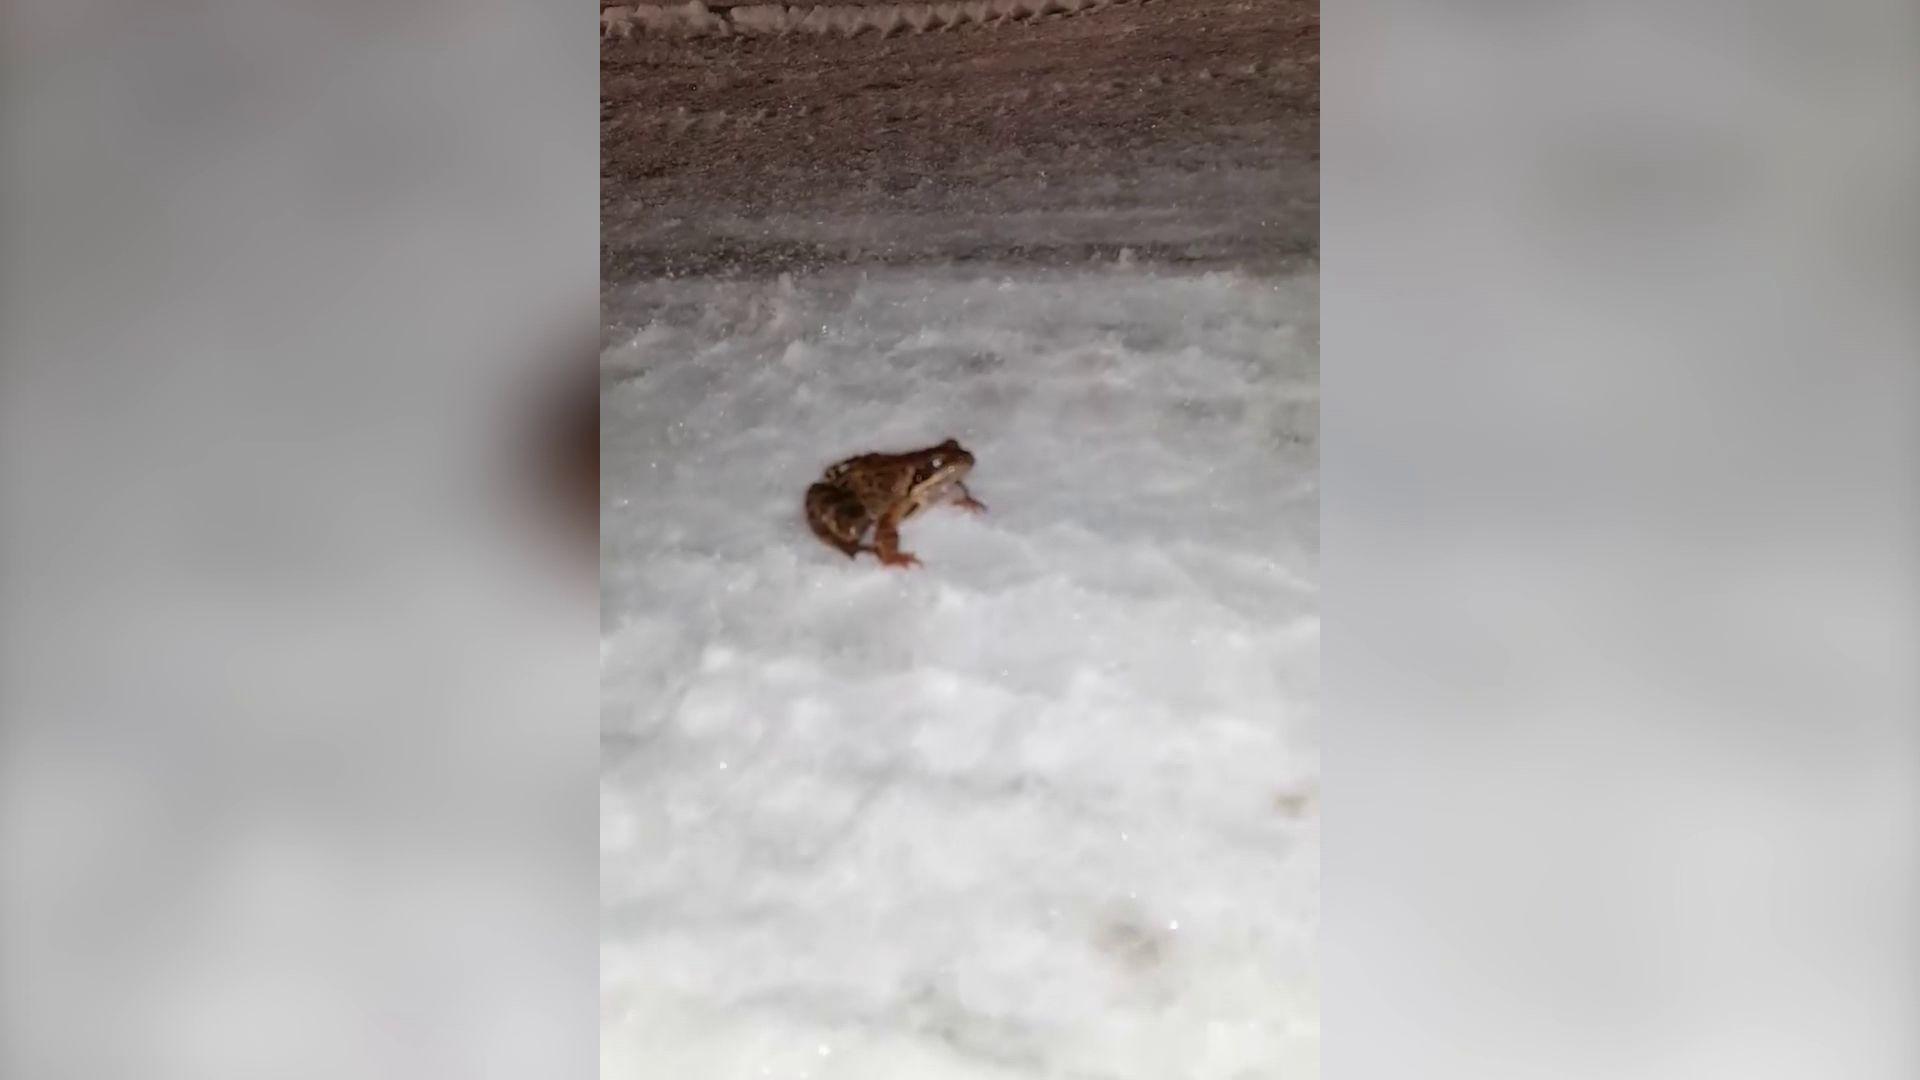 В Ярославле лягушка прогулялась по заснеженной дороге